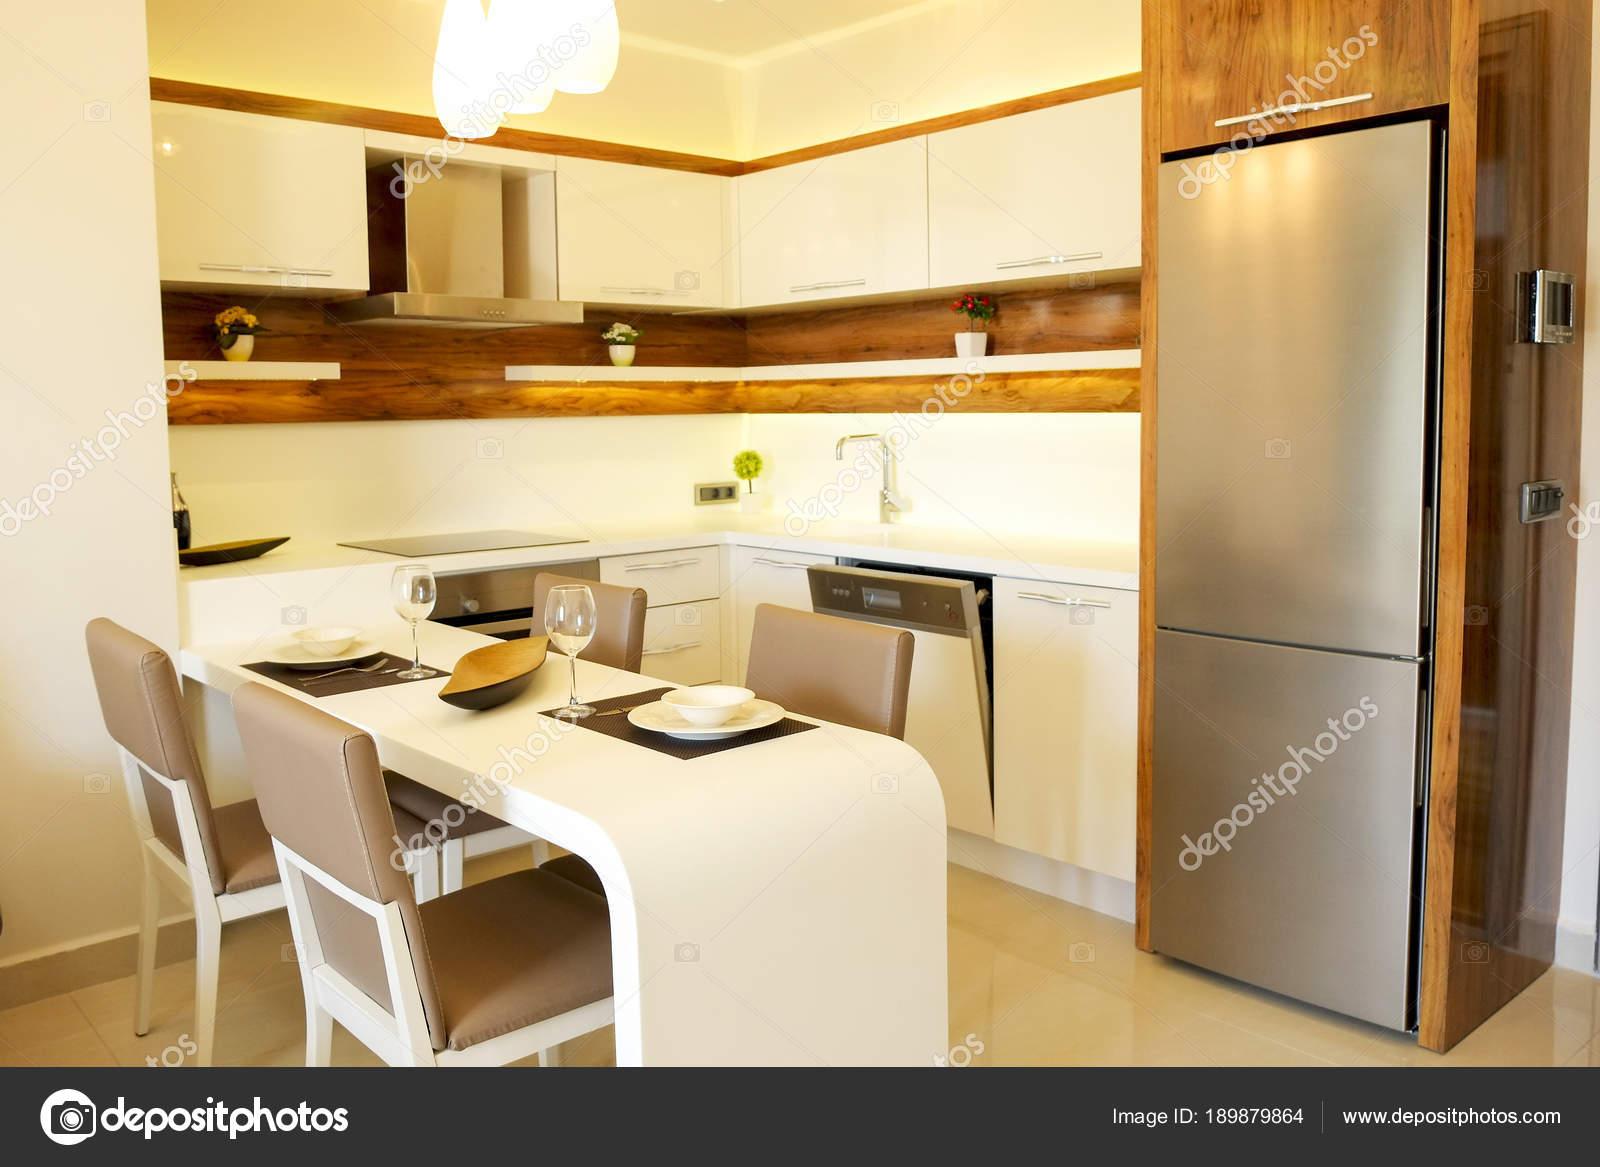 Malerisch Offene Küche Wohnzimmer Bilder Dekoration Von Schöne Sonne Seite Wohnung Mit Einfachen Minimalistisch